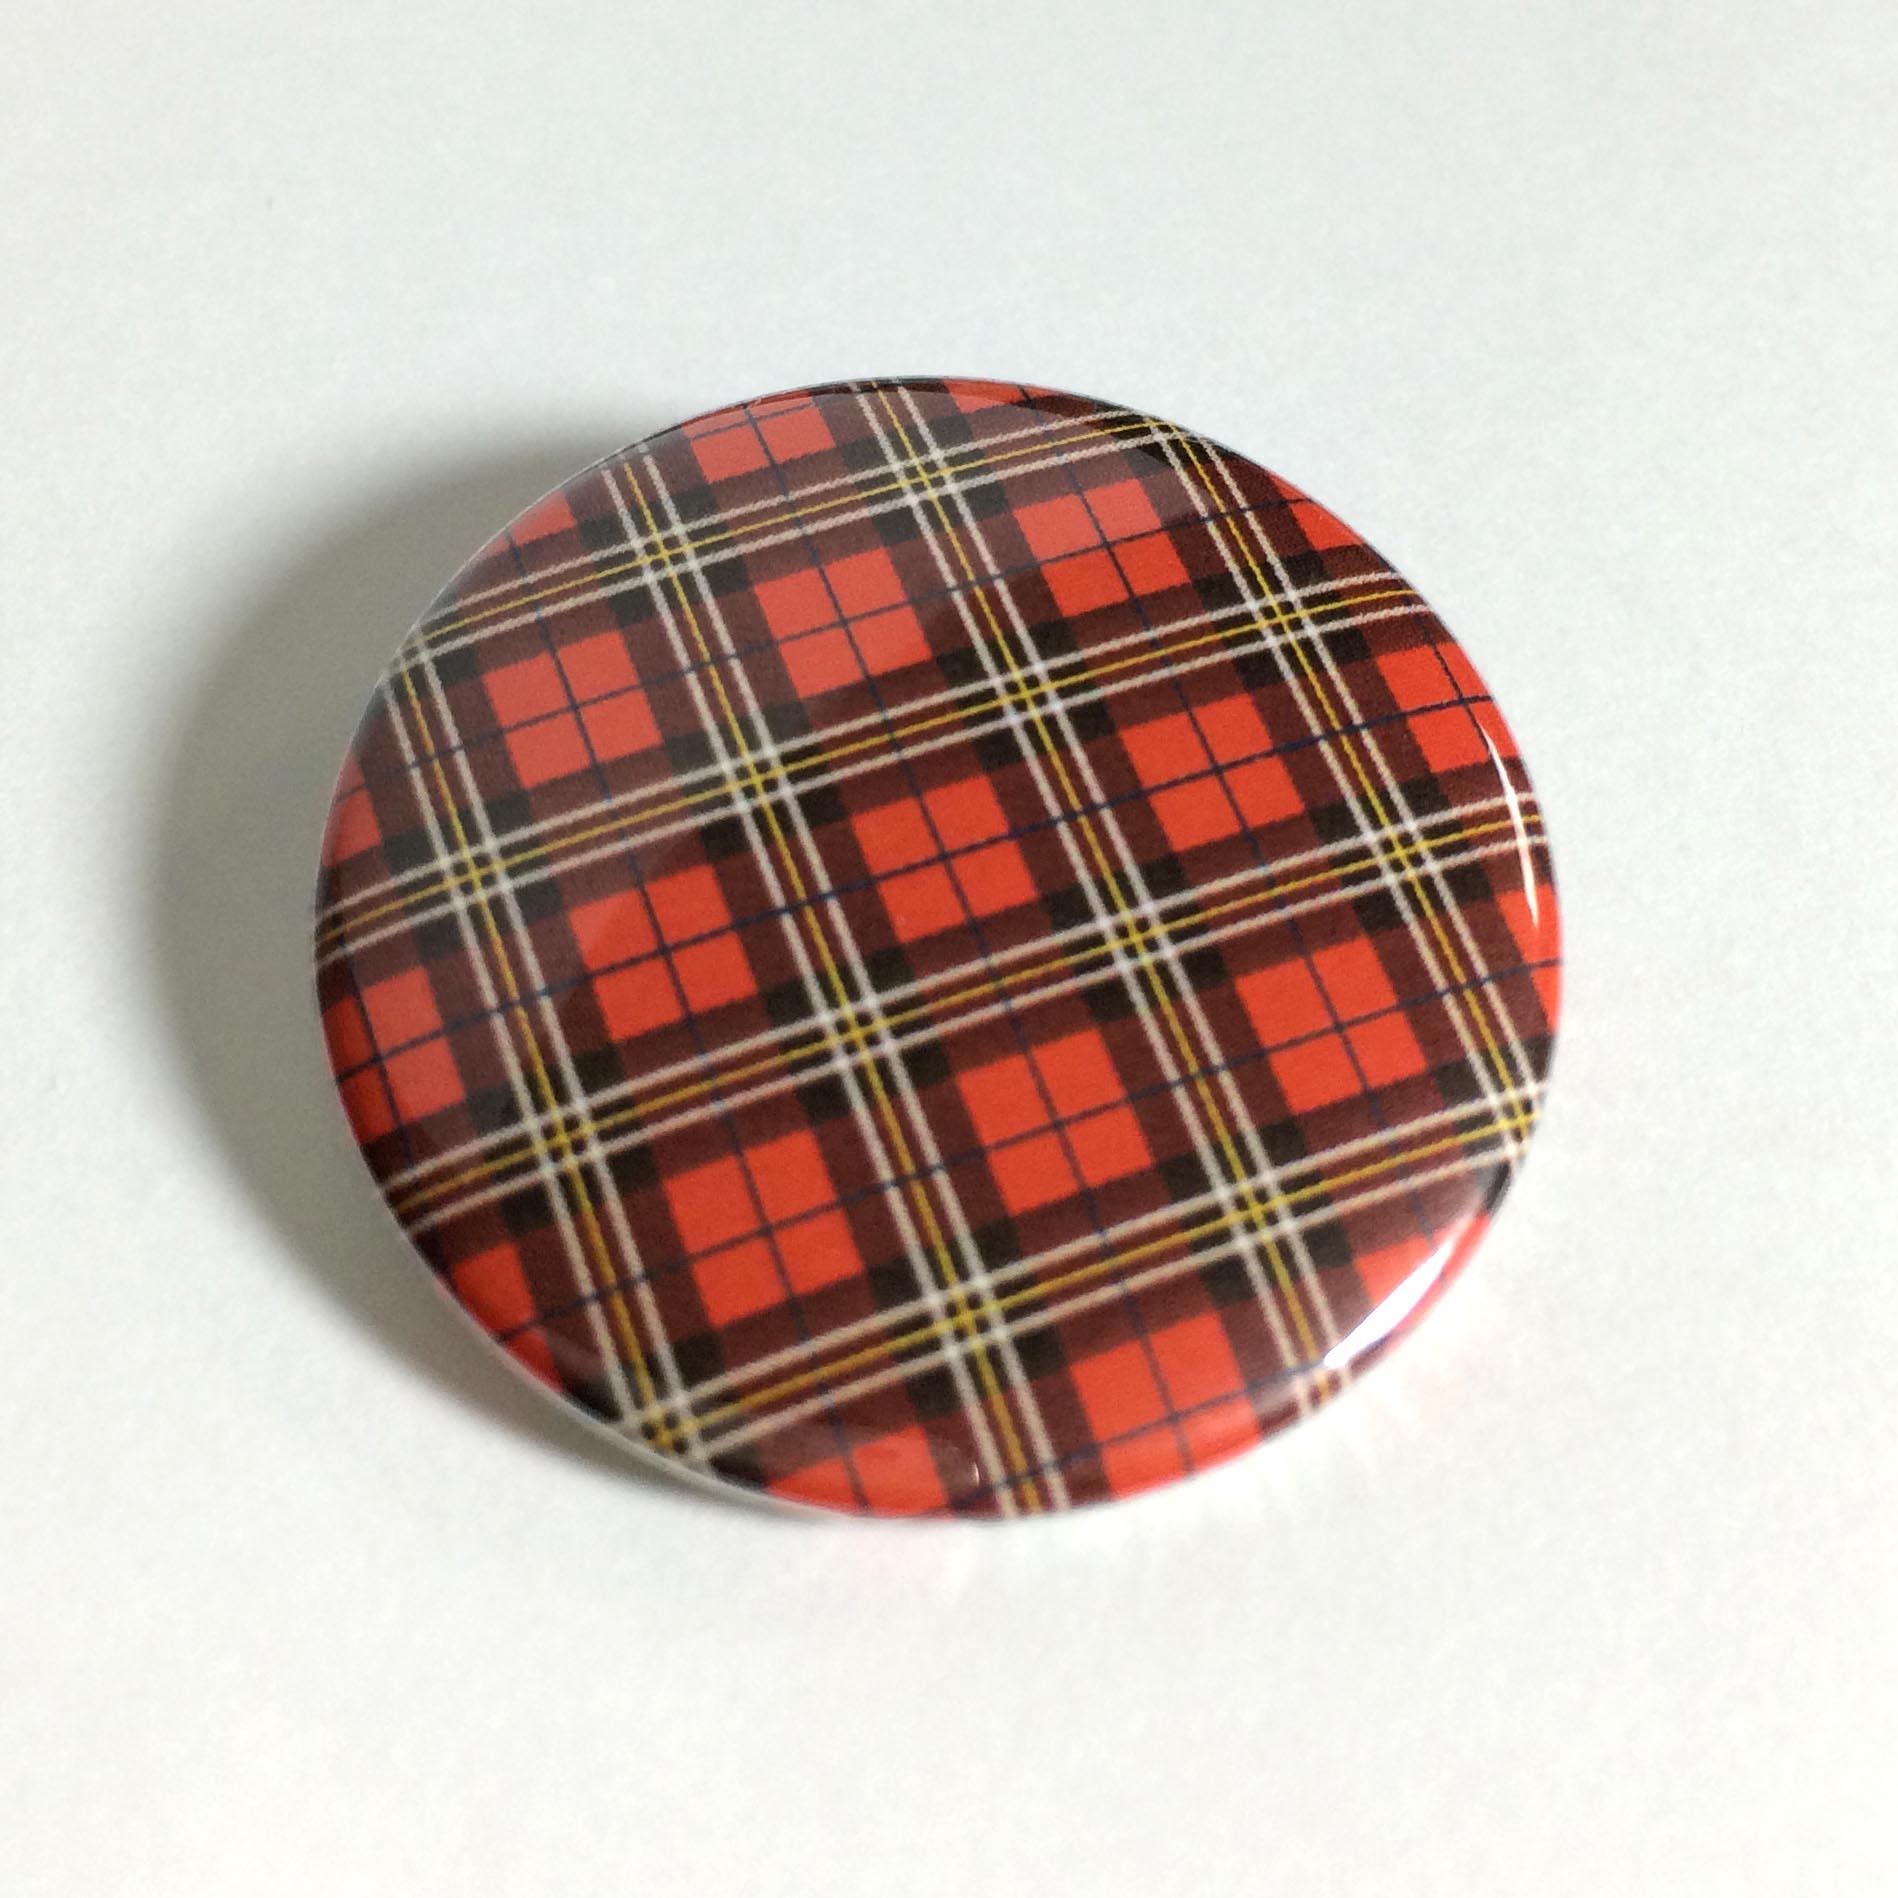 缶バッジ 柄・模様シリーズ 021 タータンチェック レッド  (pattern series)